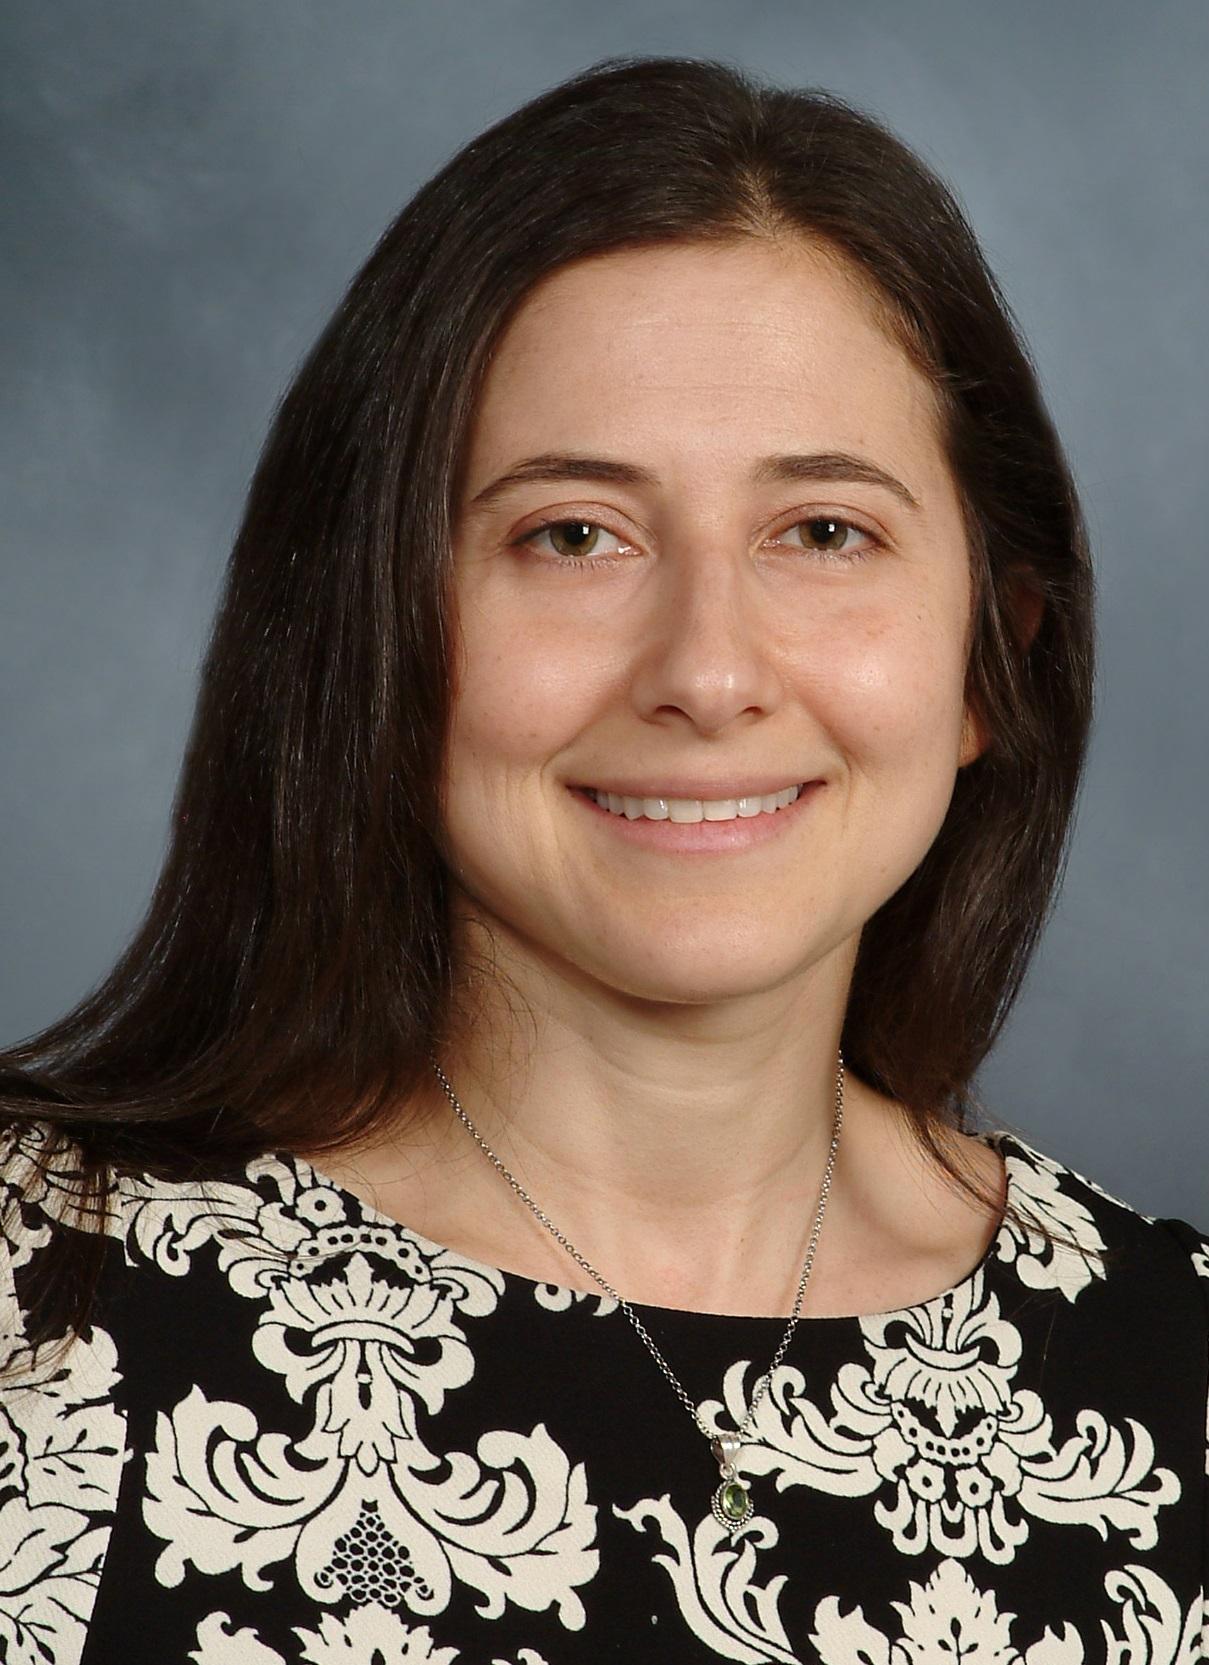 Dr. Cori Green headshot